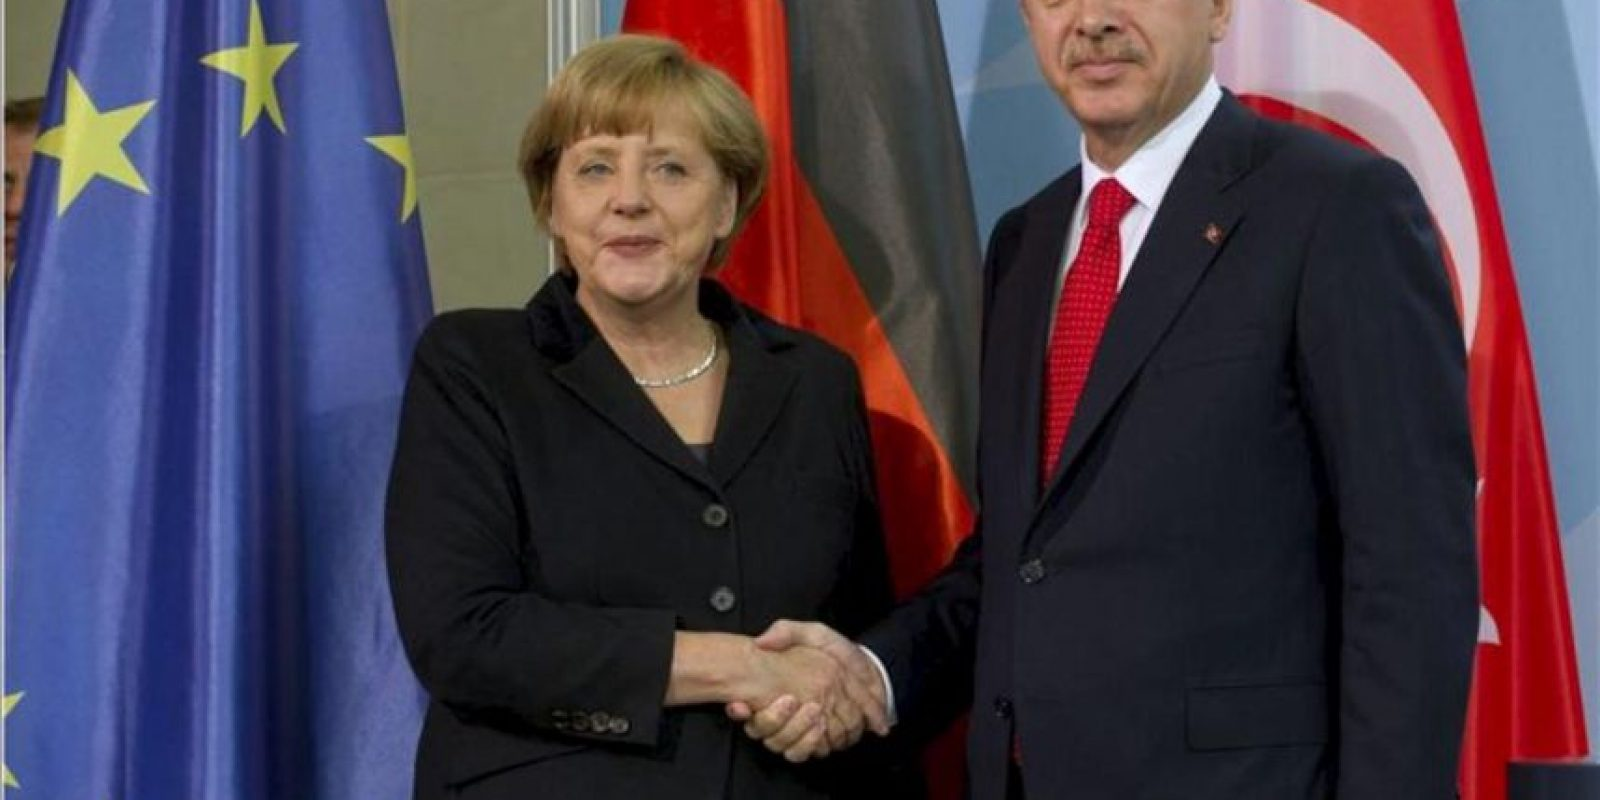 La canciller alemana, Angela Merkel (izq), estrecha la mano al primer ministro turco, Recep Tayyip Erdogan (dcha), tras dar una rueda de prensa en la Cancillería en Berlín (Alemania) hoy, miércoles 31 de octubre de 2012. EFE